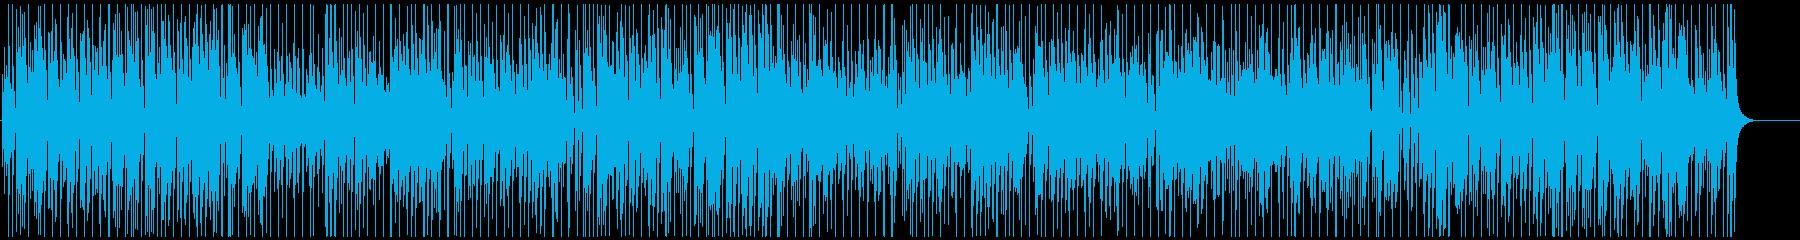 わくわく・ポップな日常BGMの再生済みの波形